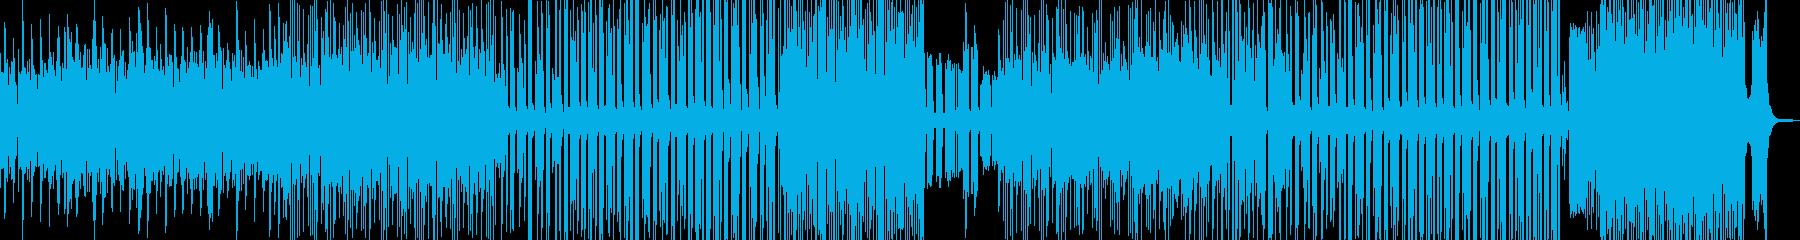 爆笑珍事件!ポンコツテクノポップ Aの再生済みの波形